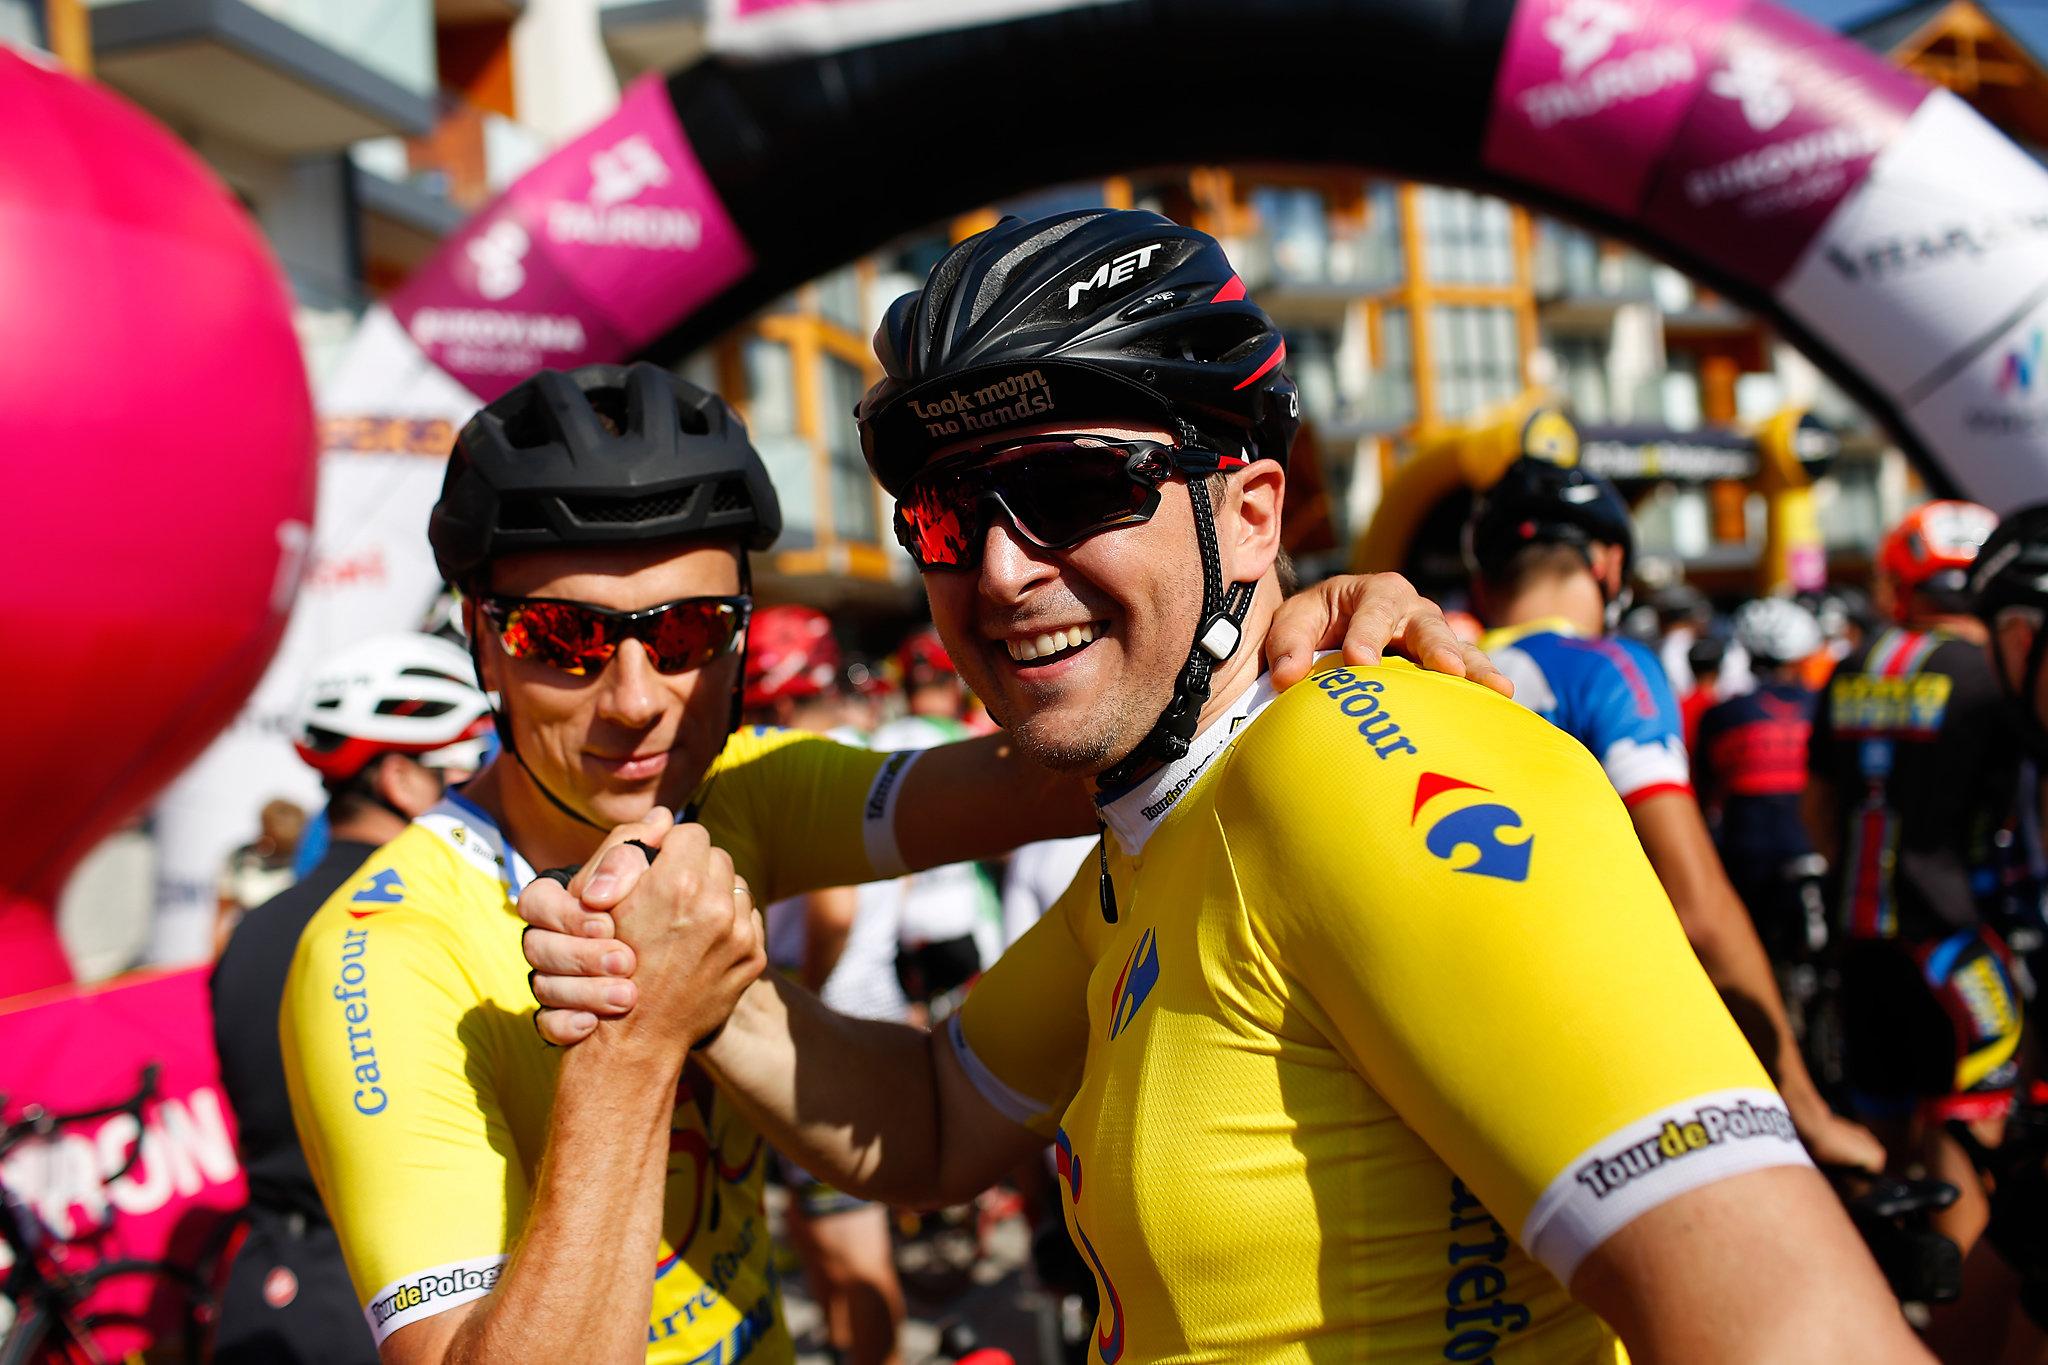 Zawodnicy Carrefour Cycling Team (fot. materiały prasowe)